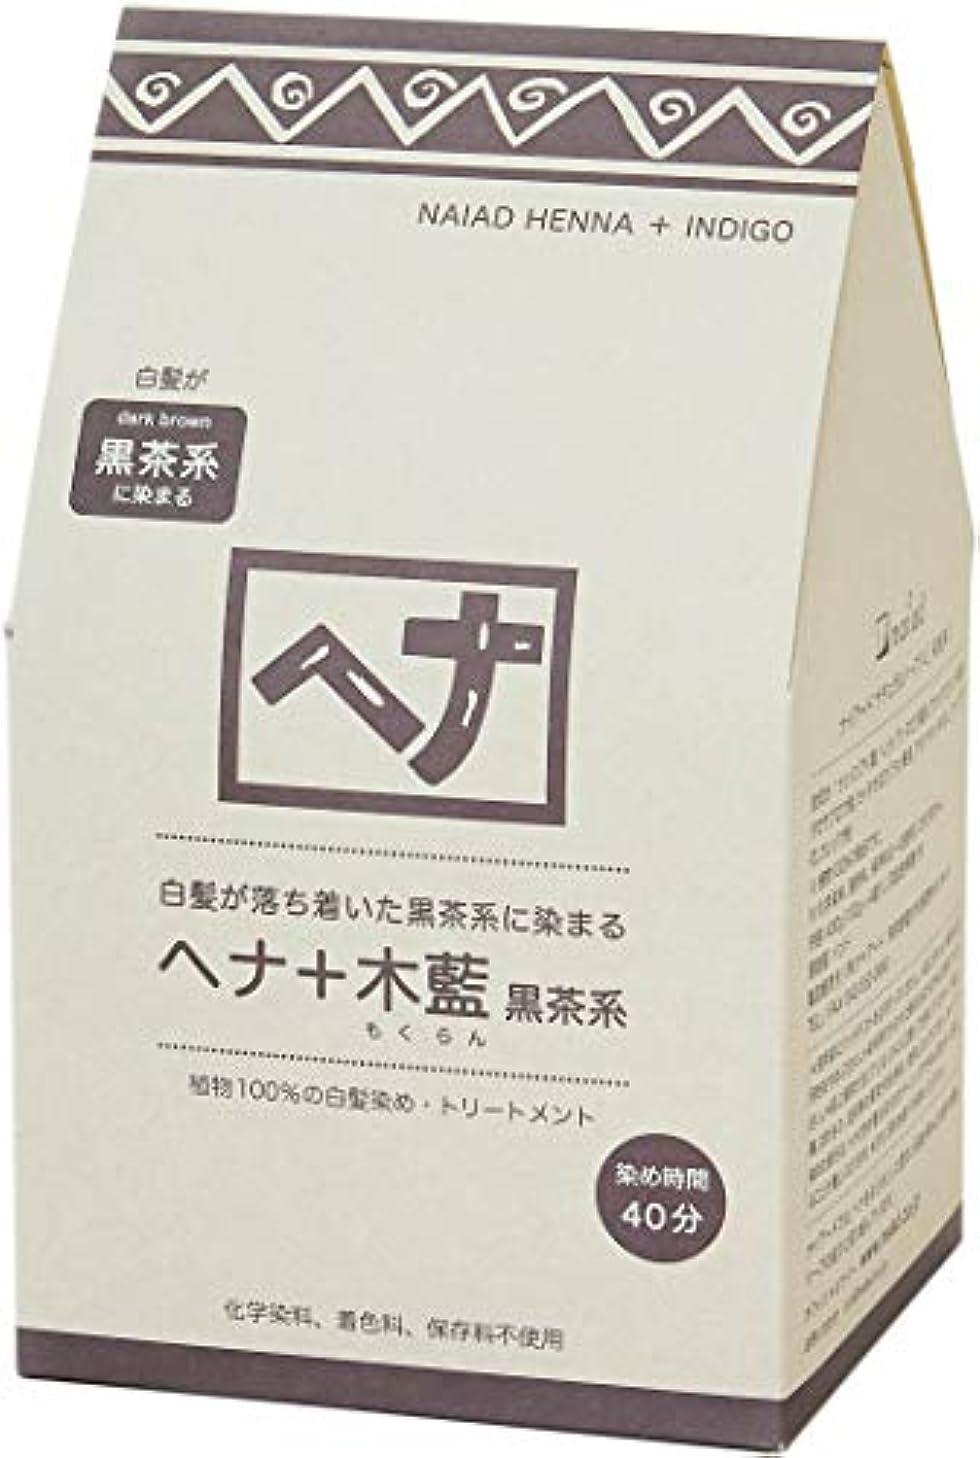 無数の素子定説Naiad(ナイアード) ヘナ+木藍 黒茶系 400g